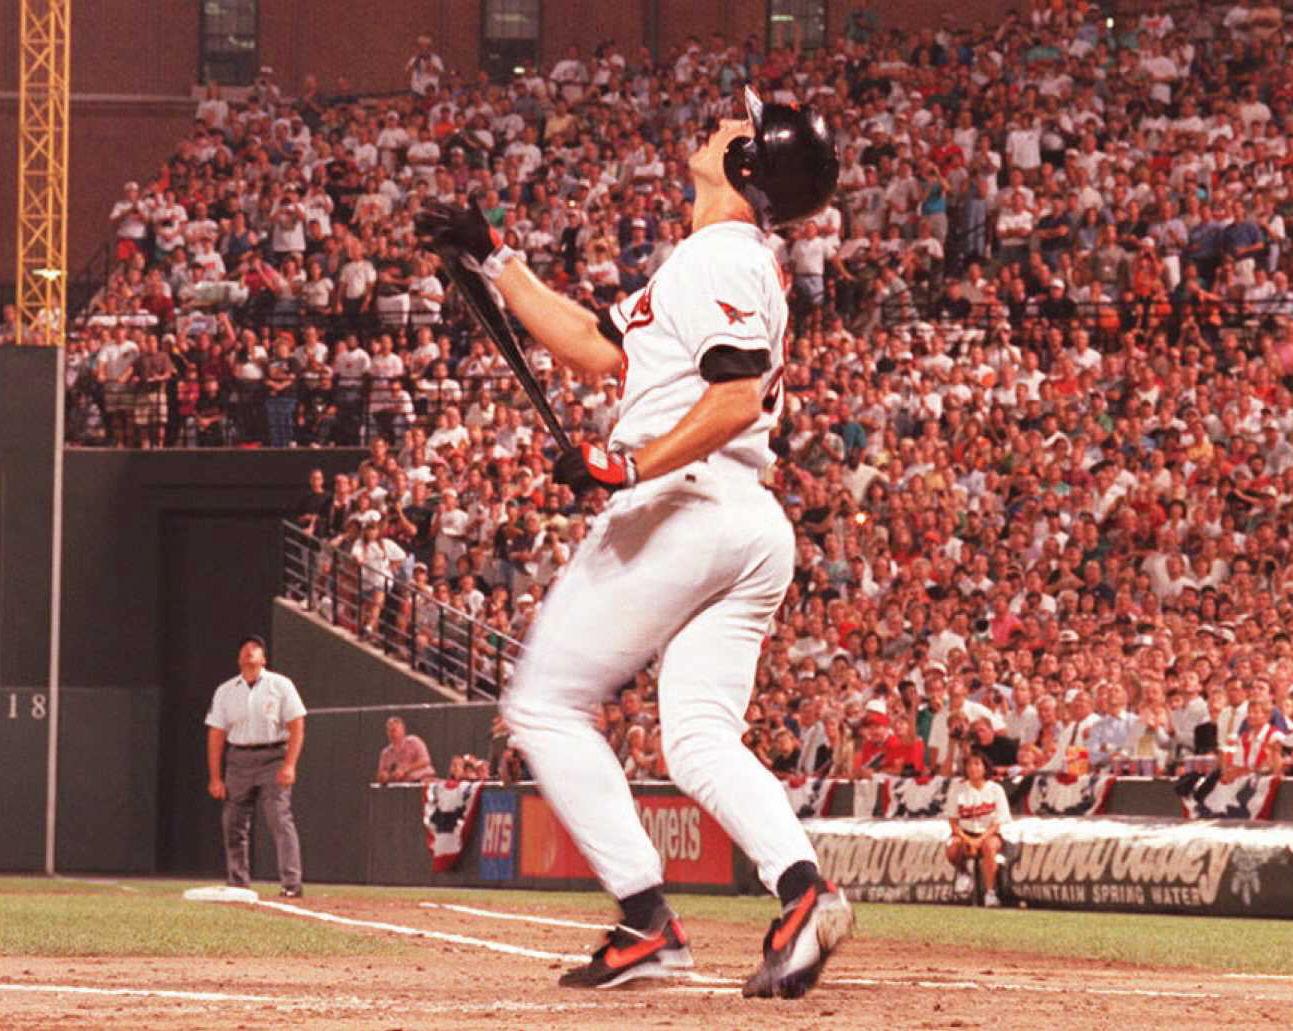 1995年9月6日球賽現場。(Getty Images)